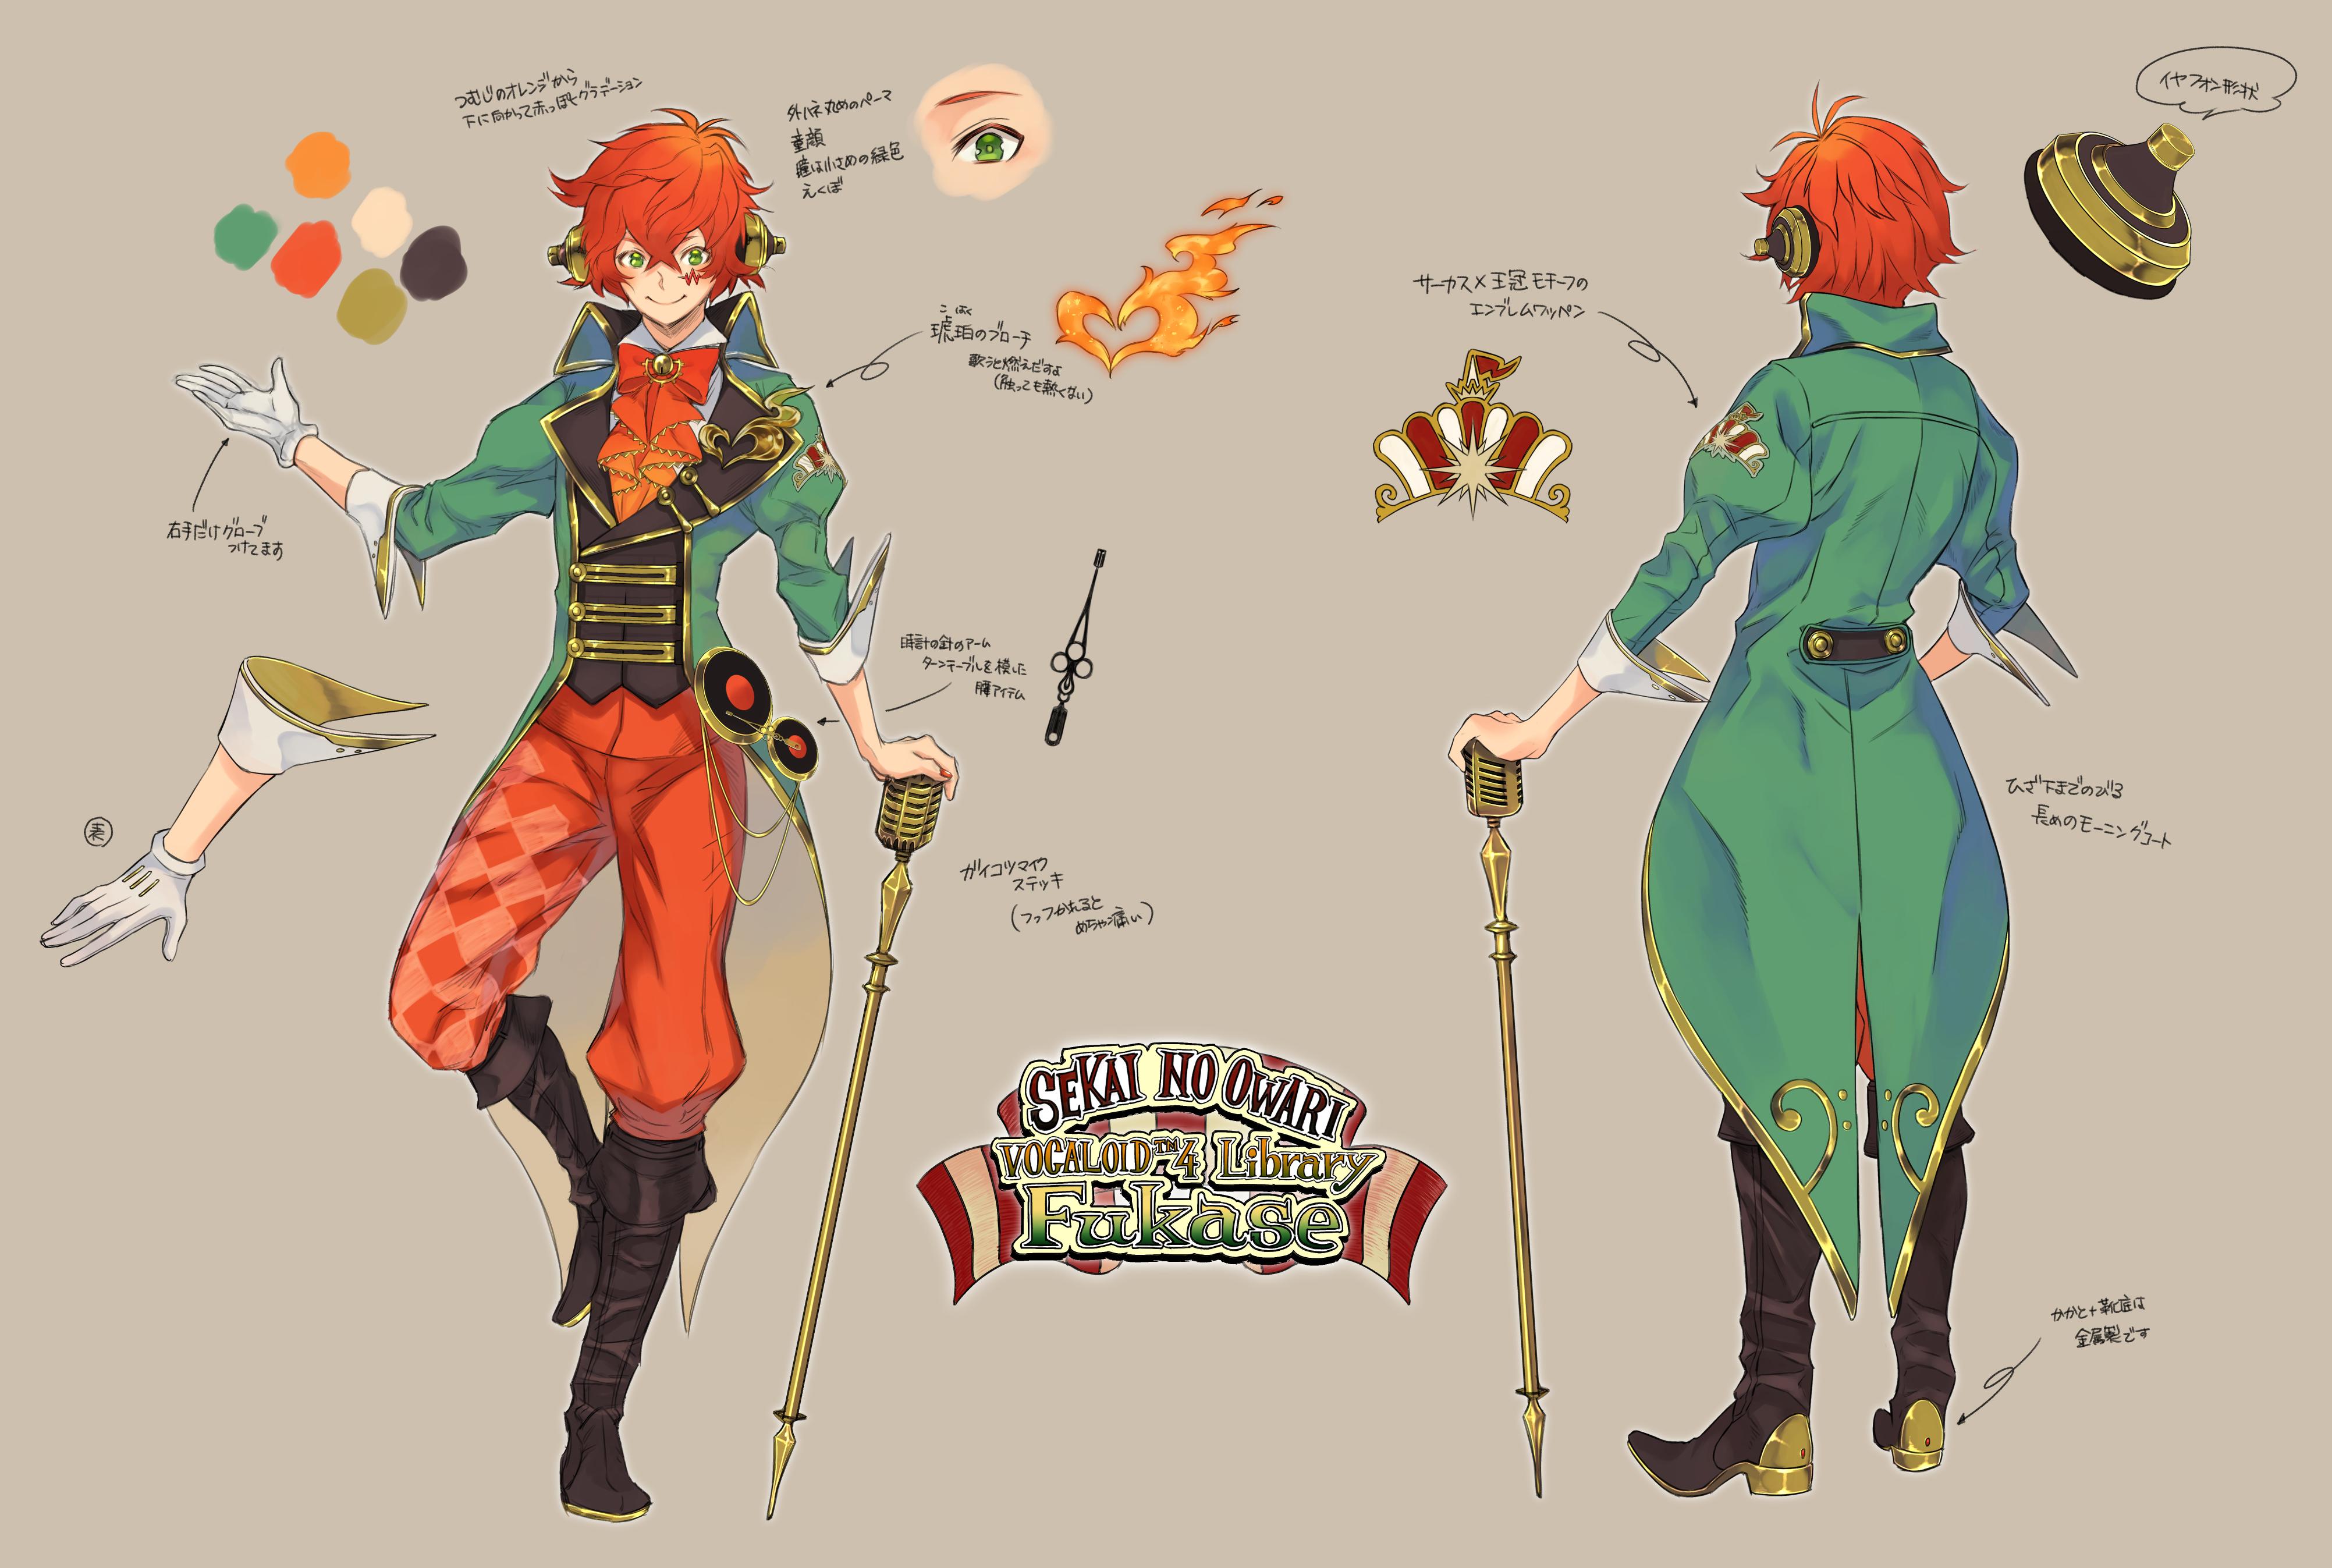 Character Design Contest : Mito itsuki image zerochan anime board